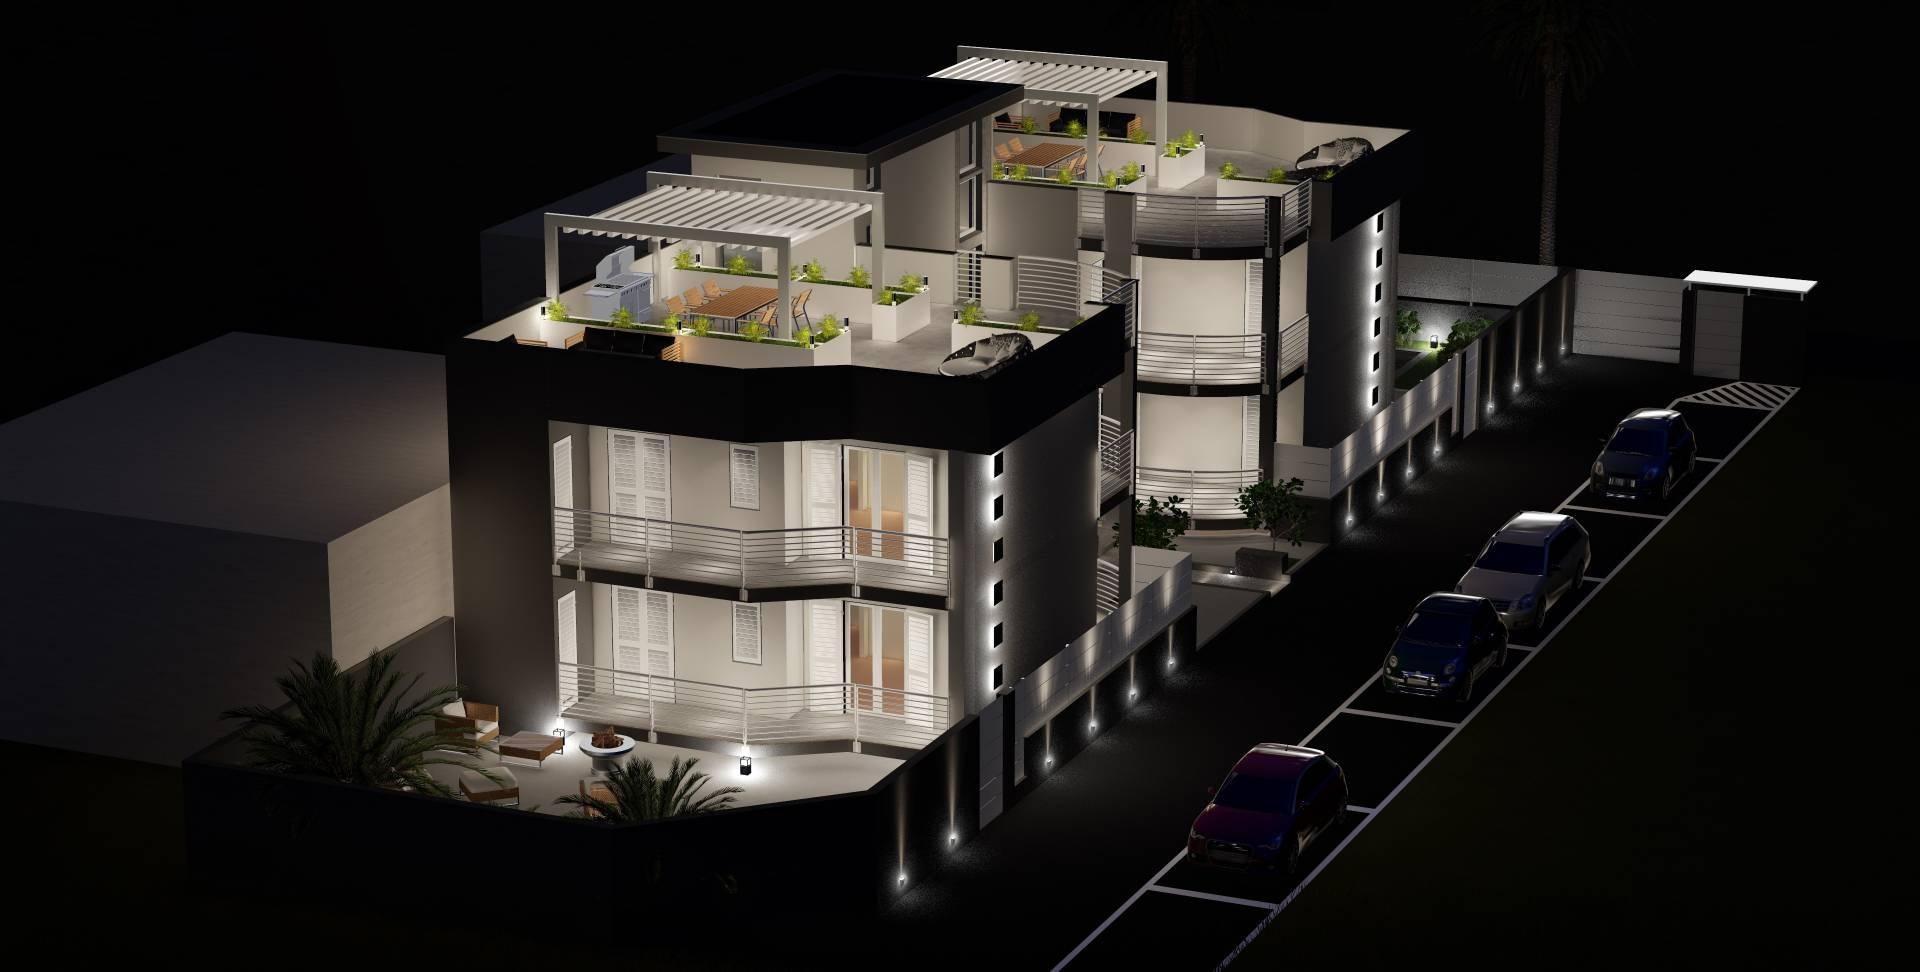 Appartamento in vendita a Brusciano, 3 locali, prezzo € 175.000 | CambioCasa.it